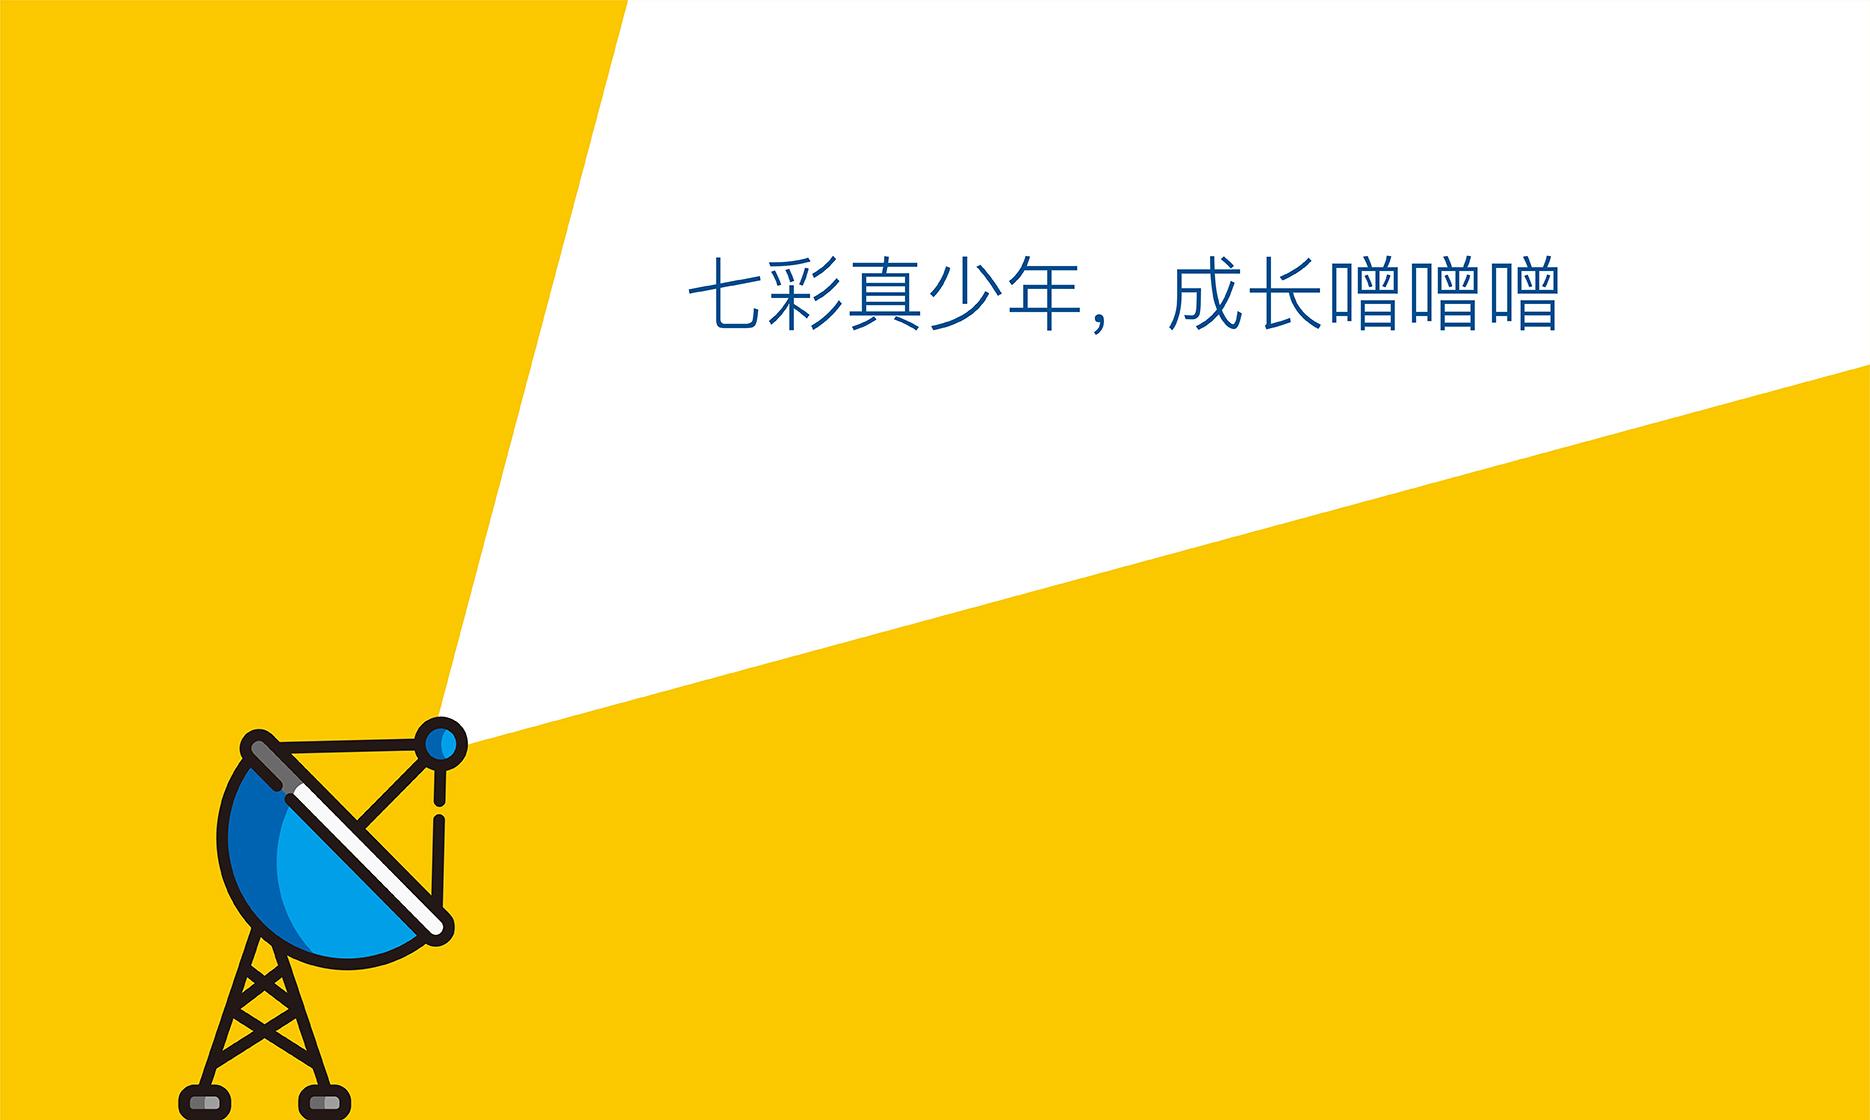 七彩少年品牌全案定位升级:七彩真少年,成长噌噌噌